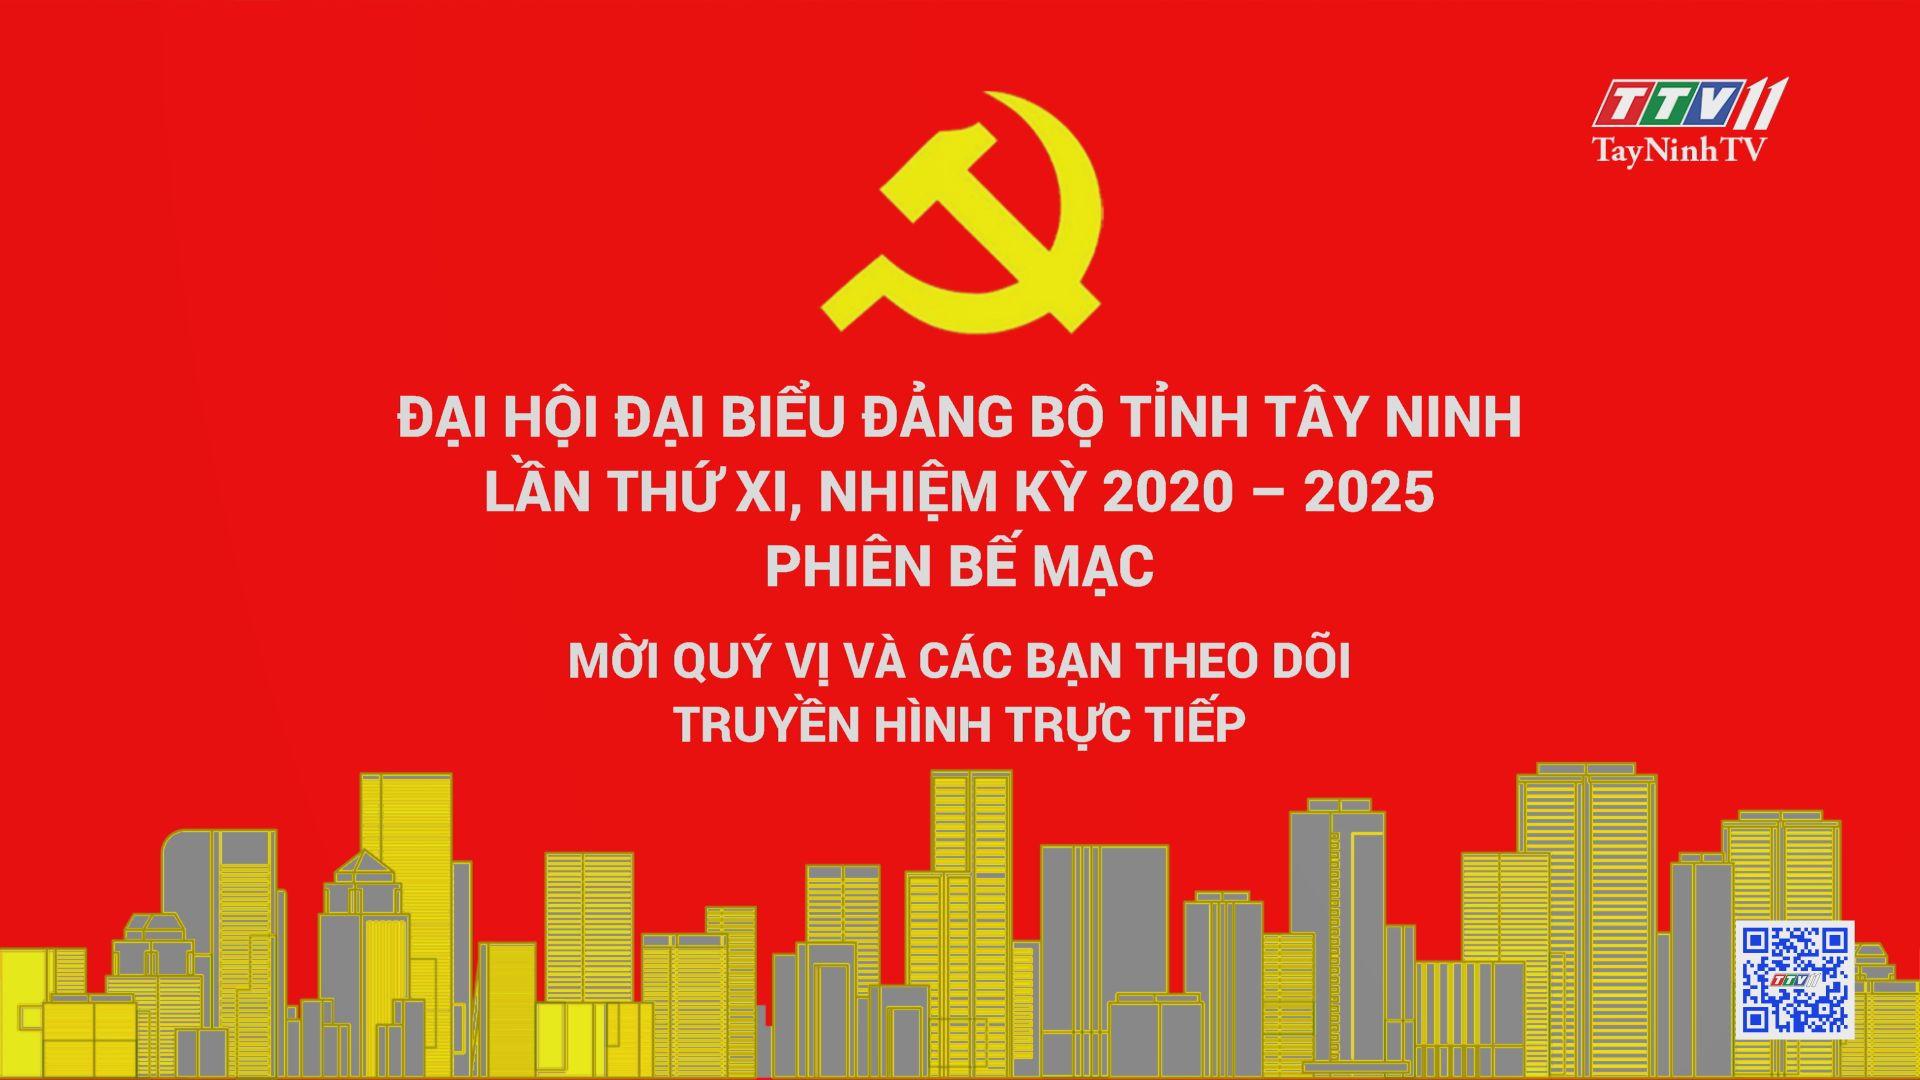 Phần 2 PHIÊN BẾ MẠC-Đại hội Đại biểu Đảng bộ tỉnh Tây Ninh lần thứ XI, nhiệm kỳ 2020-2025 | ĐẠI HỘI ĐẢNG CÁC CẤP | TayNinhTV